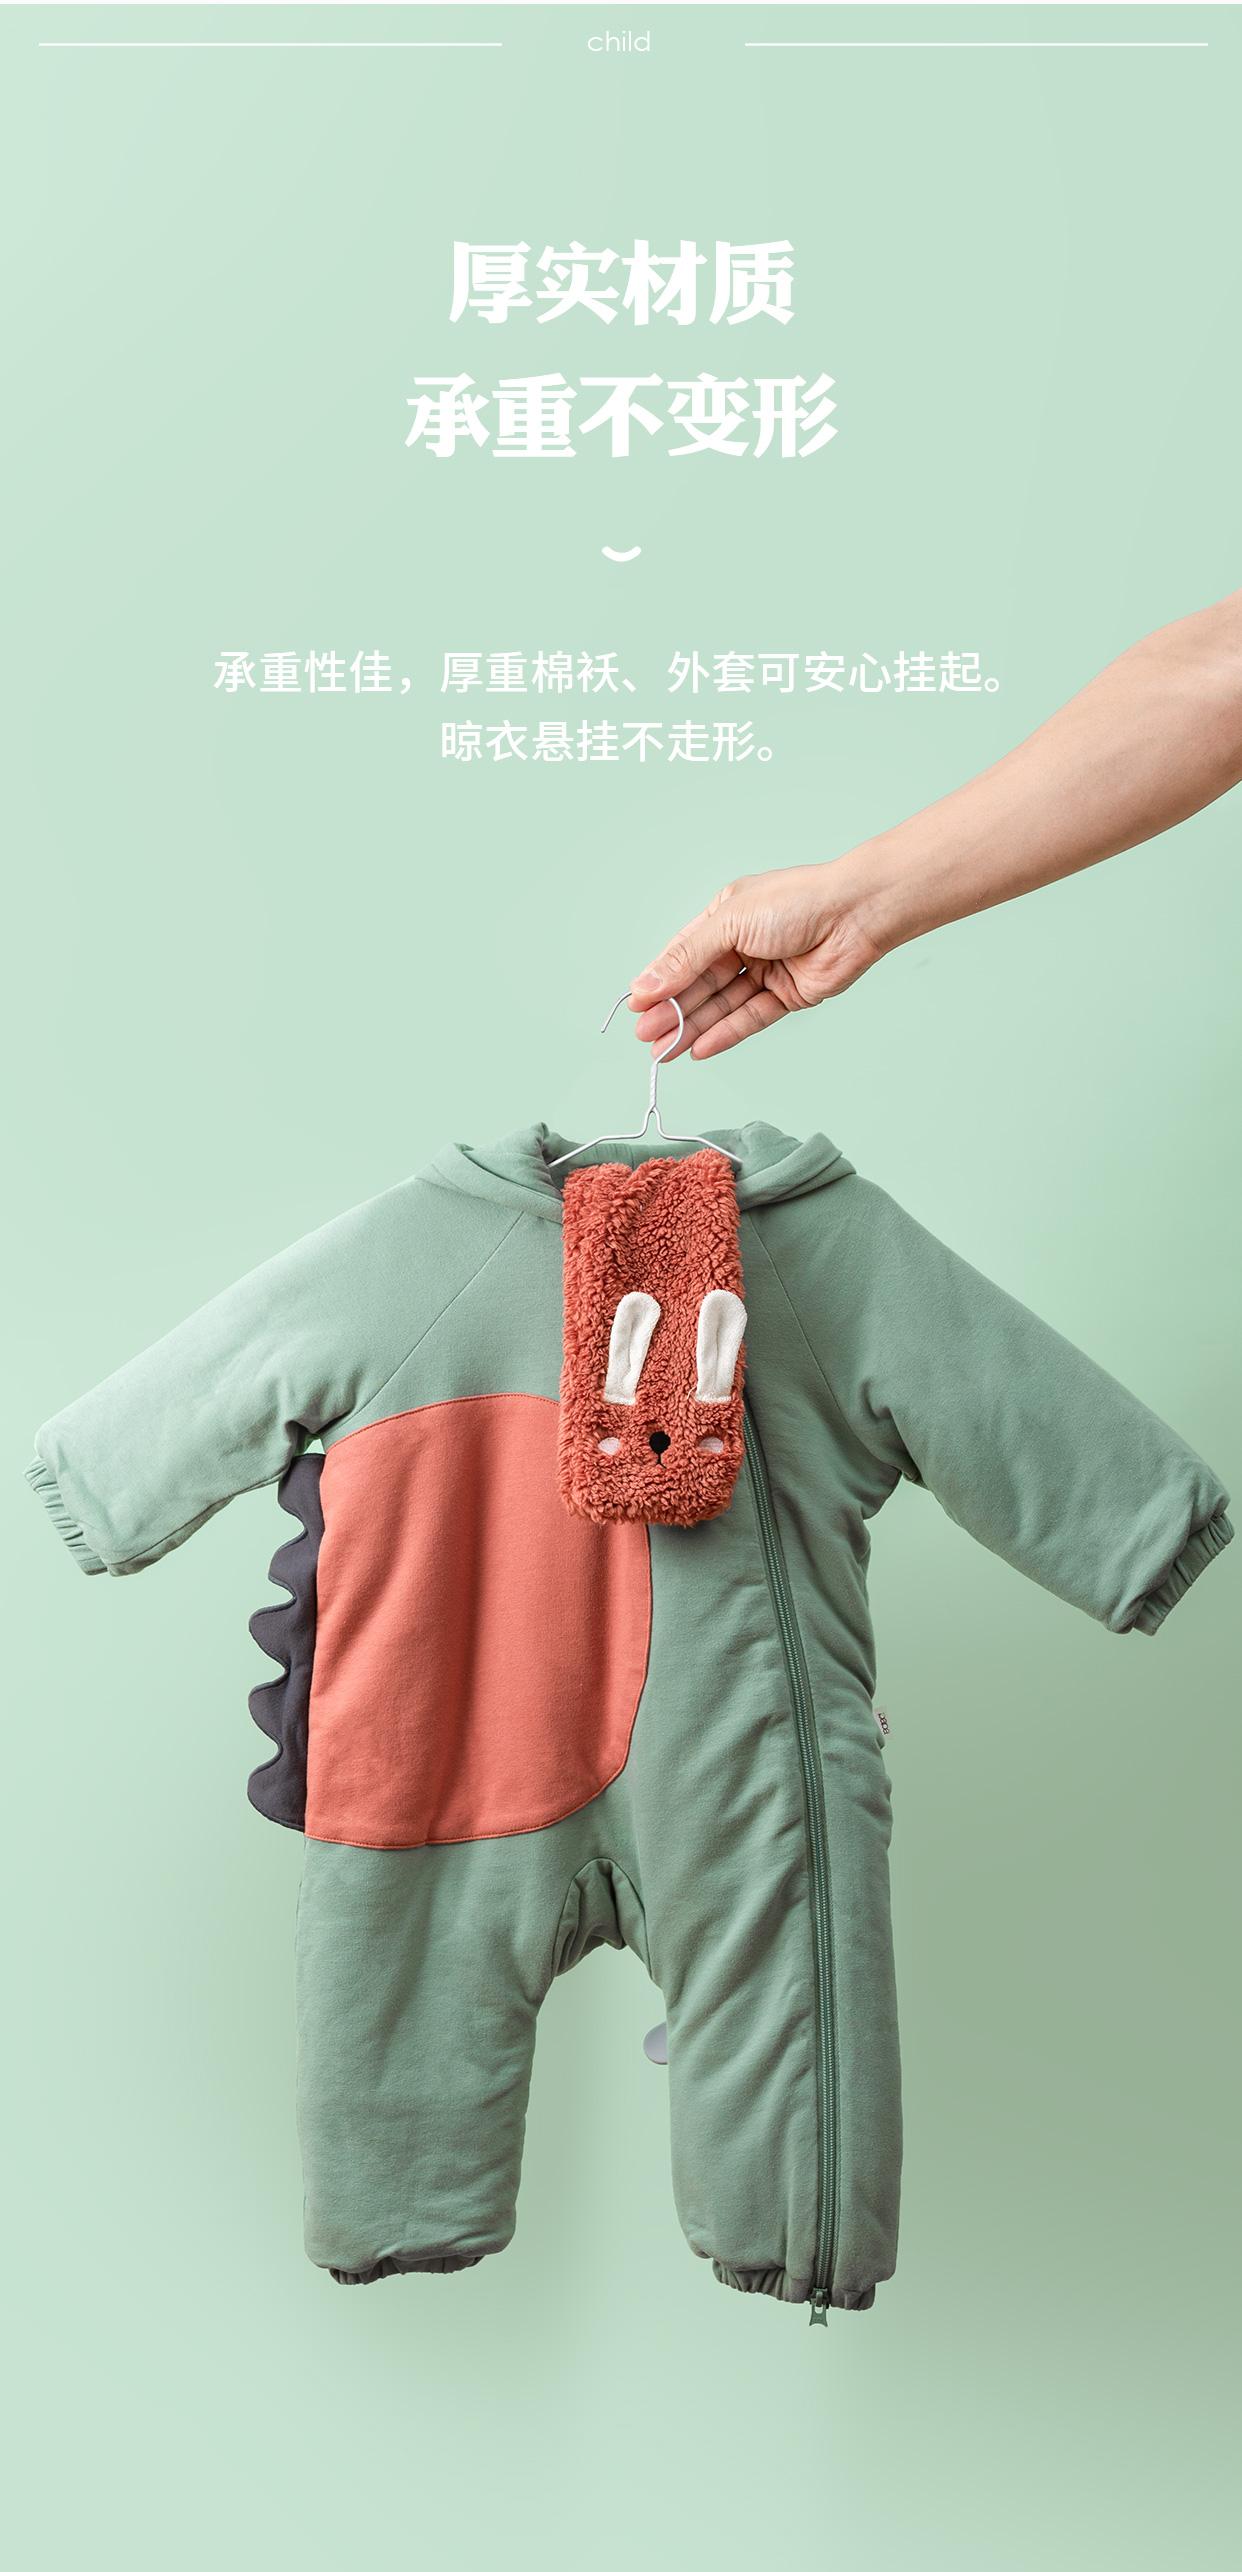 顺艺儿童浸塑衣架新生儿宝宝小衣架小孩防滑无痕衣架婴儿小衣架详细照片